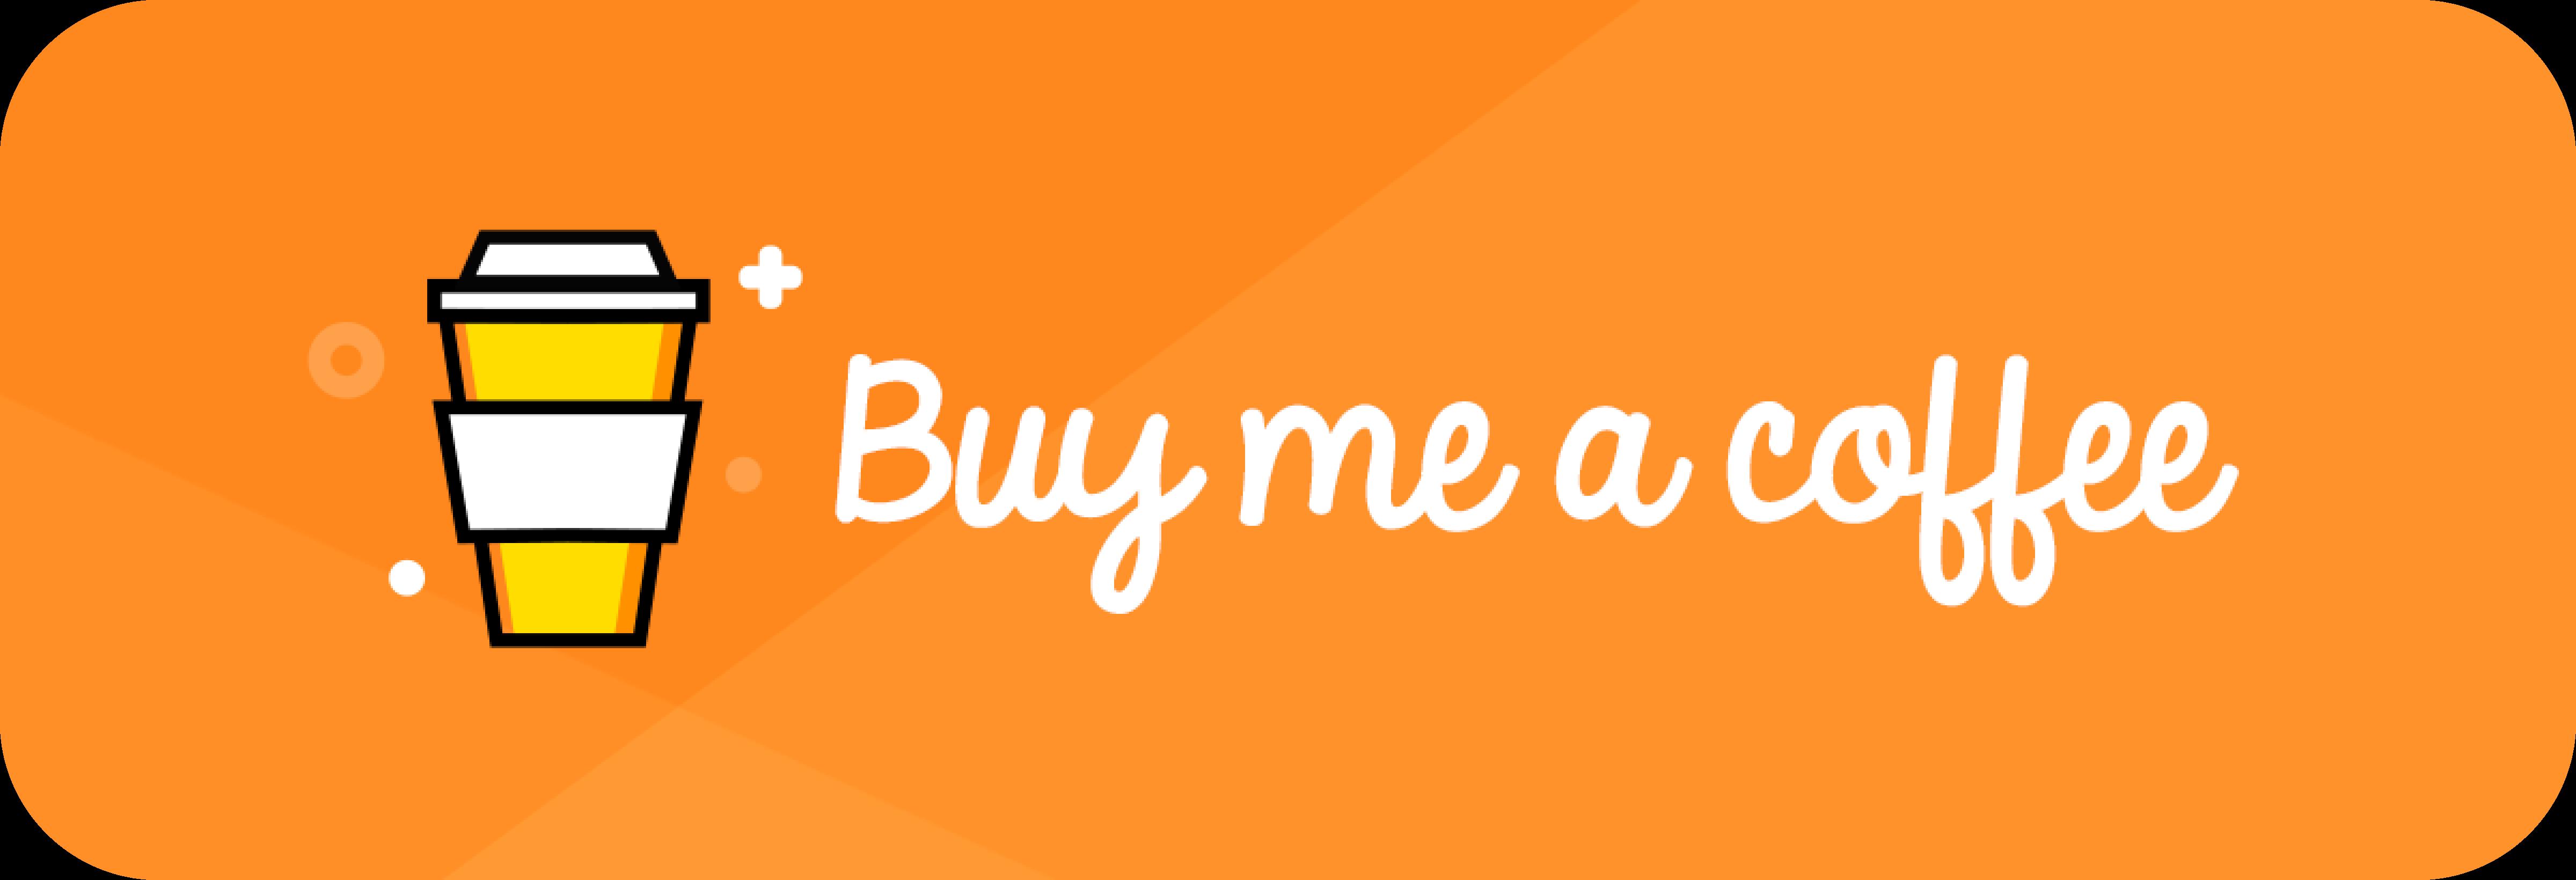 https://www.buymeacoffee.com/heyom